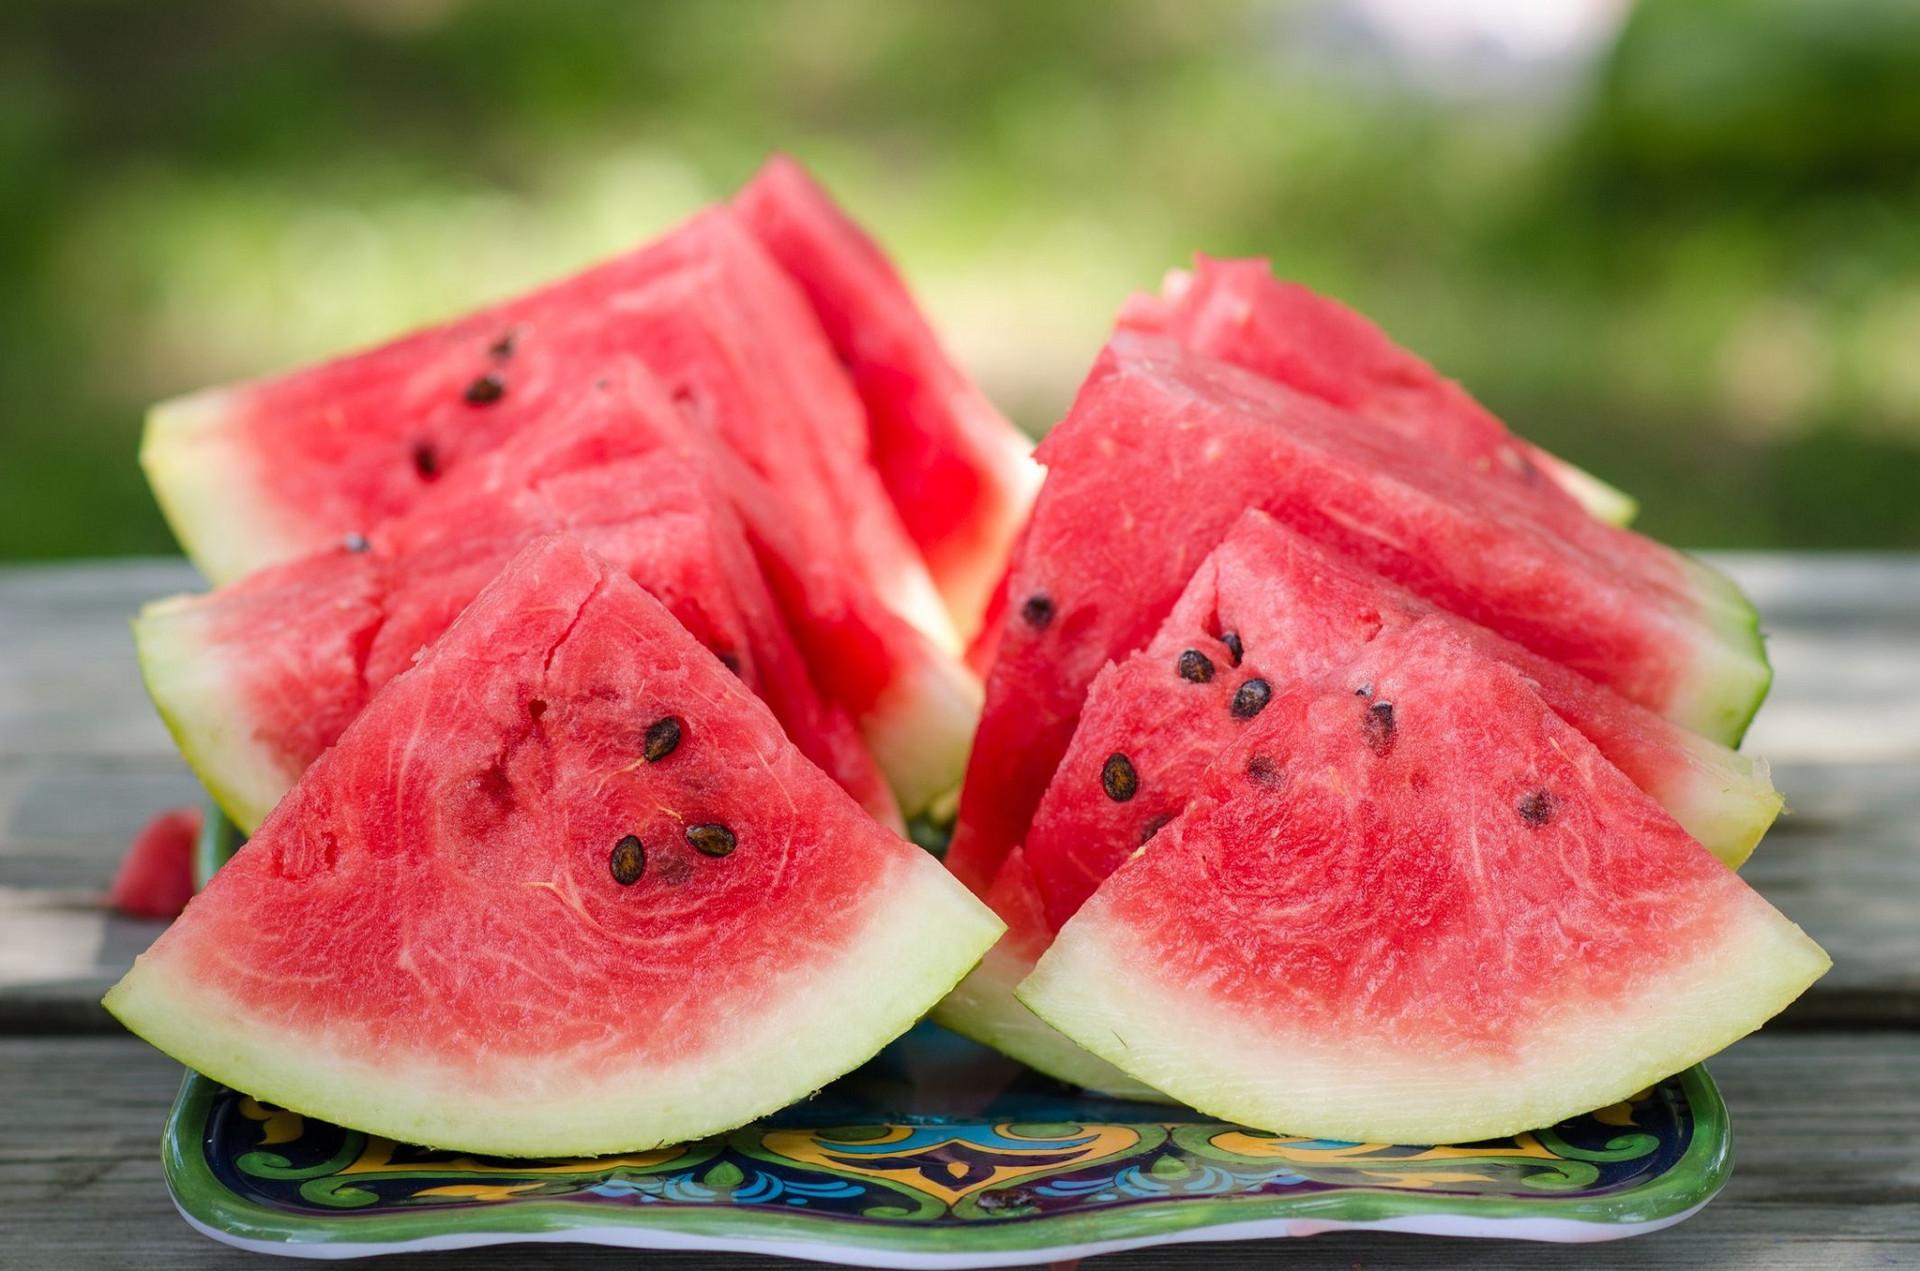 5 loại thực phẩm chuyên gia khuyên dùng để giải nhiệt mùa nóng-1